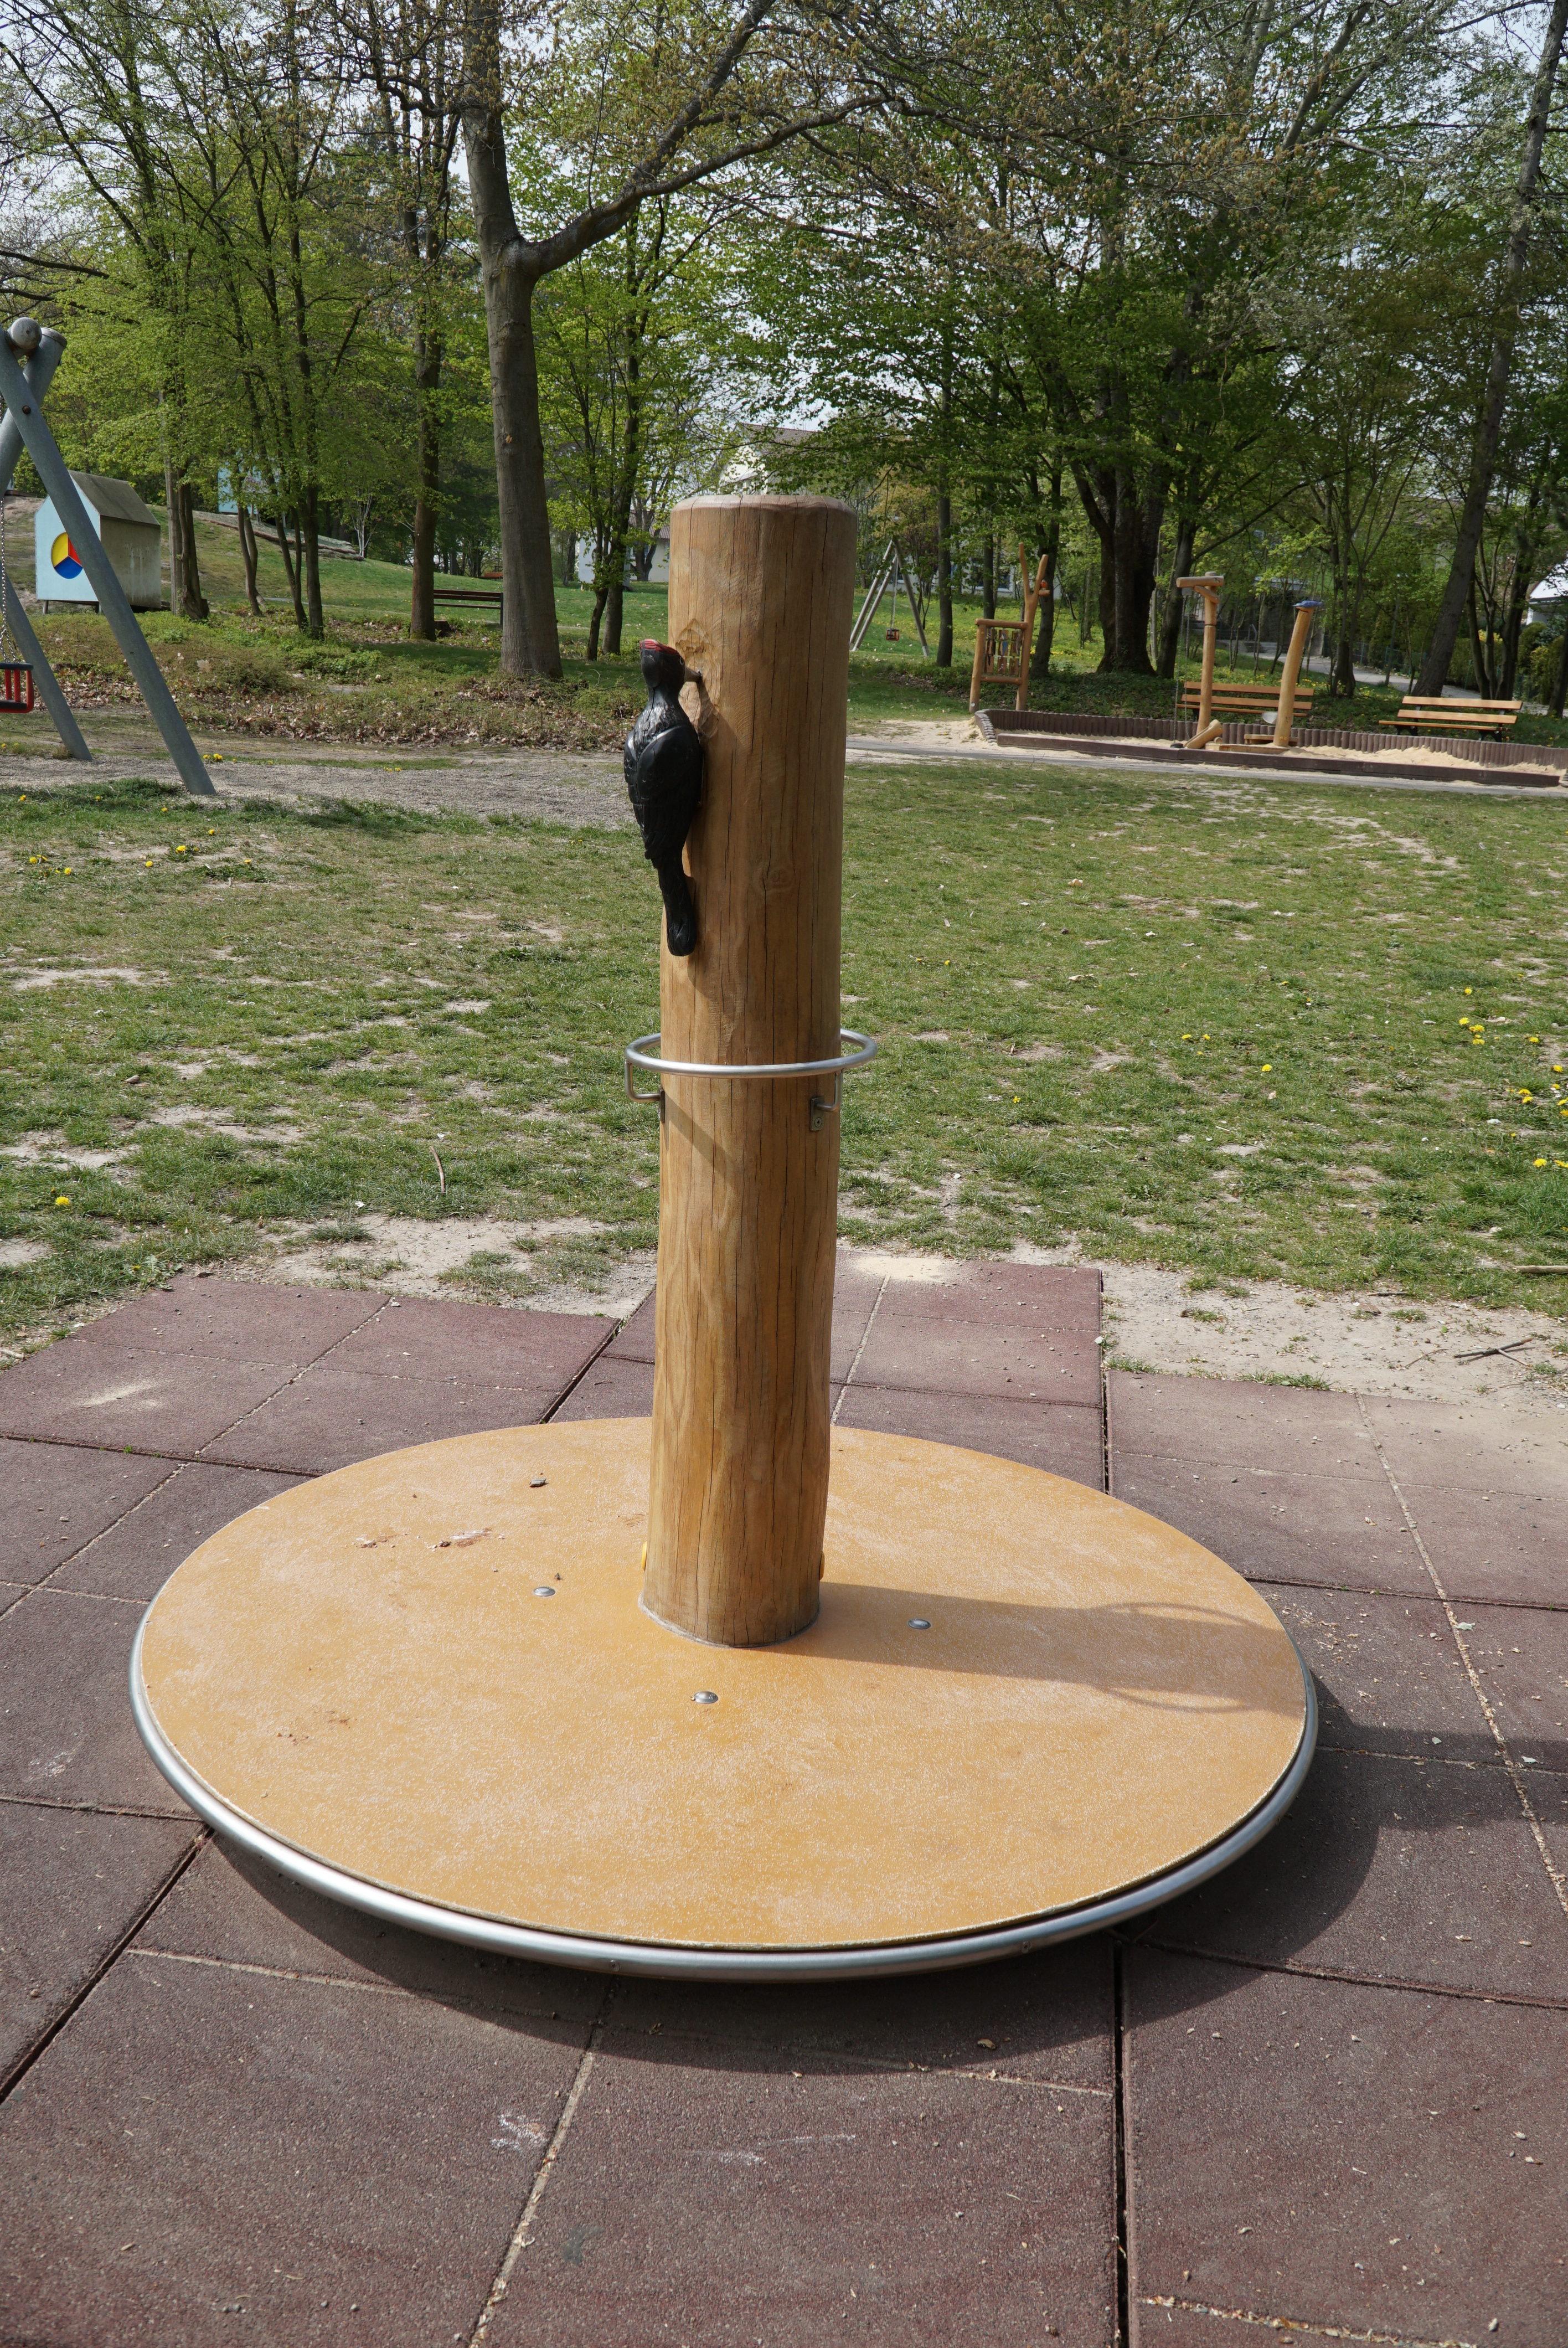 Drehkreisel am Spielplatz Wolkenkuckucksheim